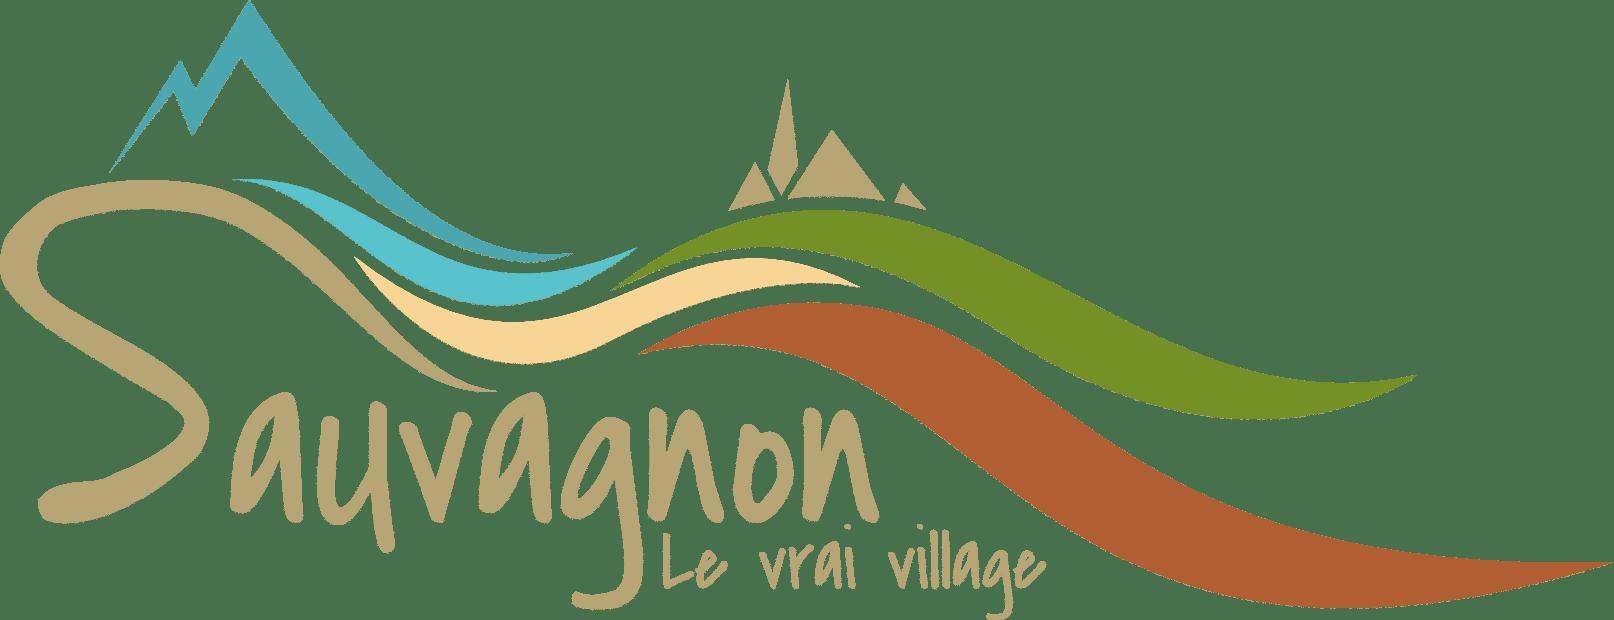 Logo Sauvagnon 2013